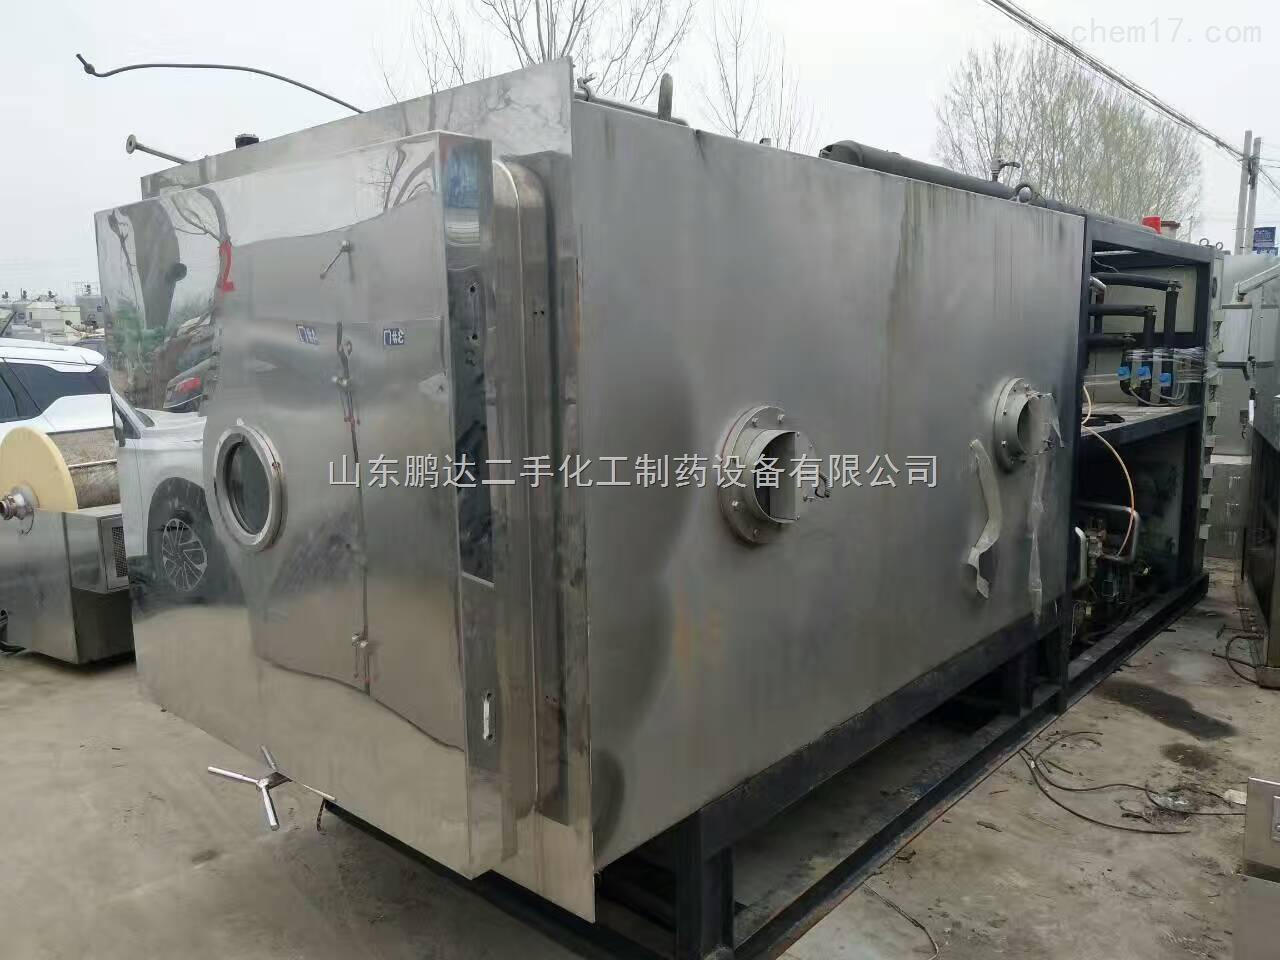 阳江出售二手冻干机